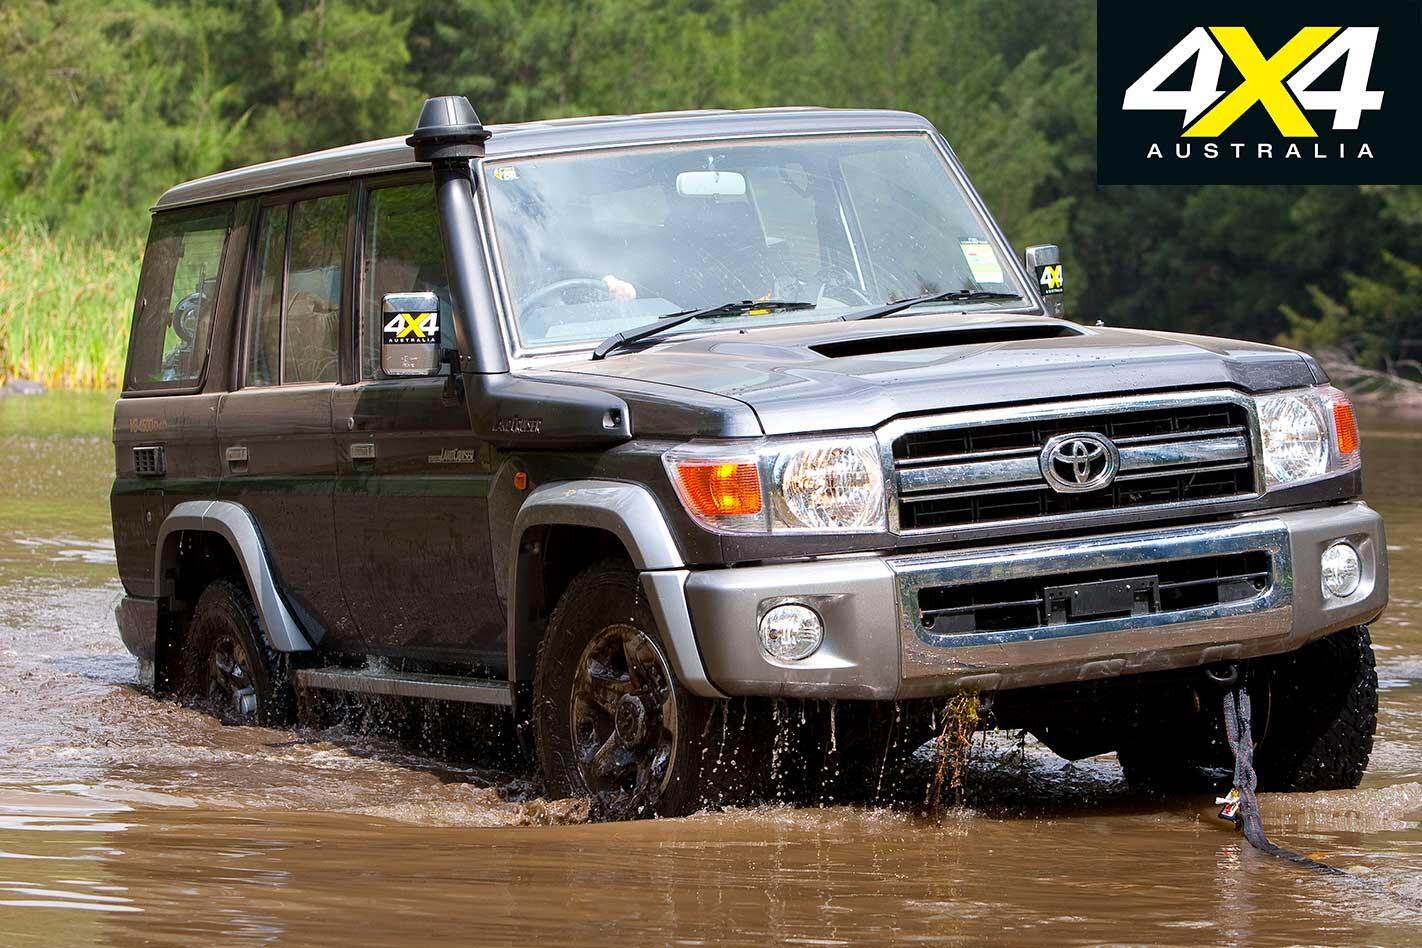 2009 Toyota Landcruiser 76 Series Water Wading Jpg